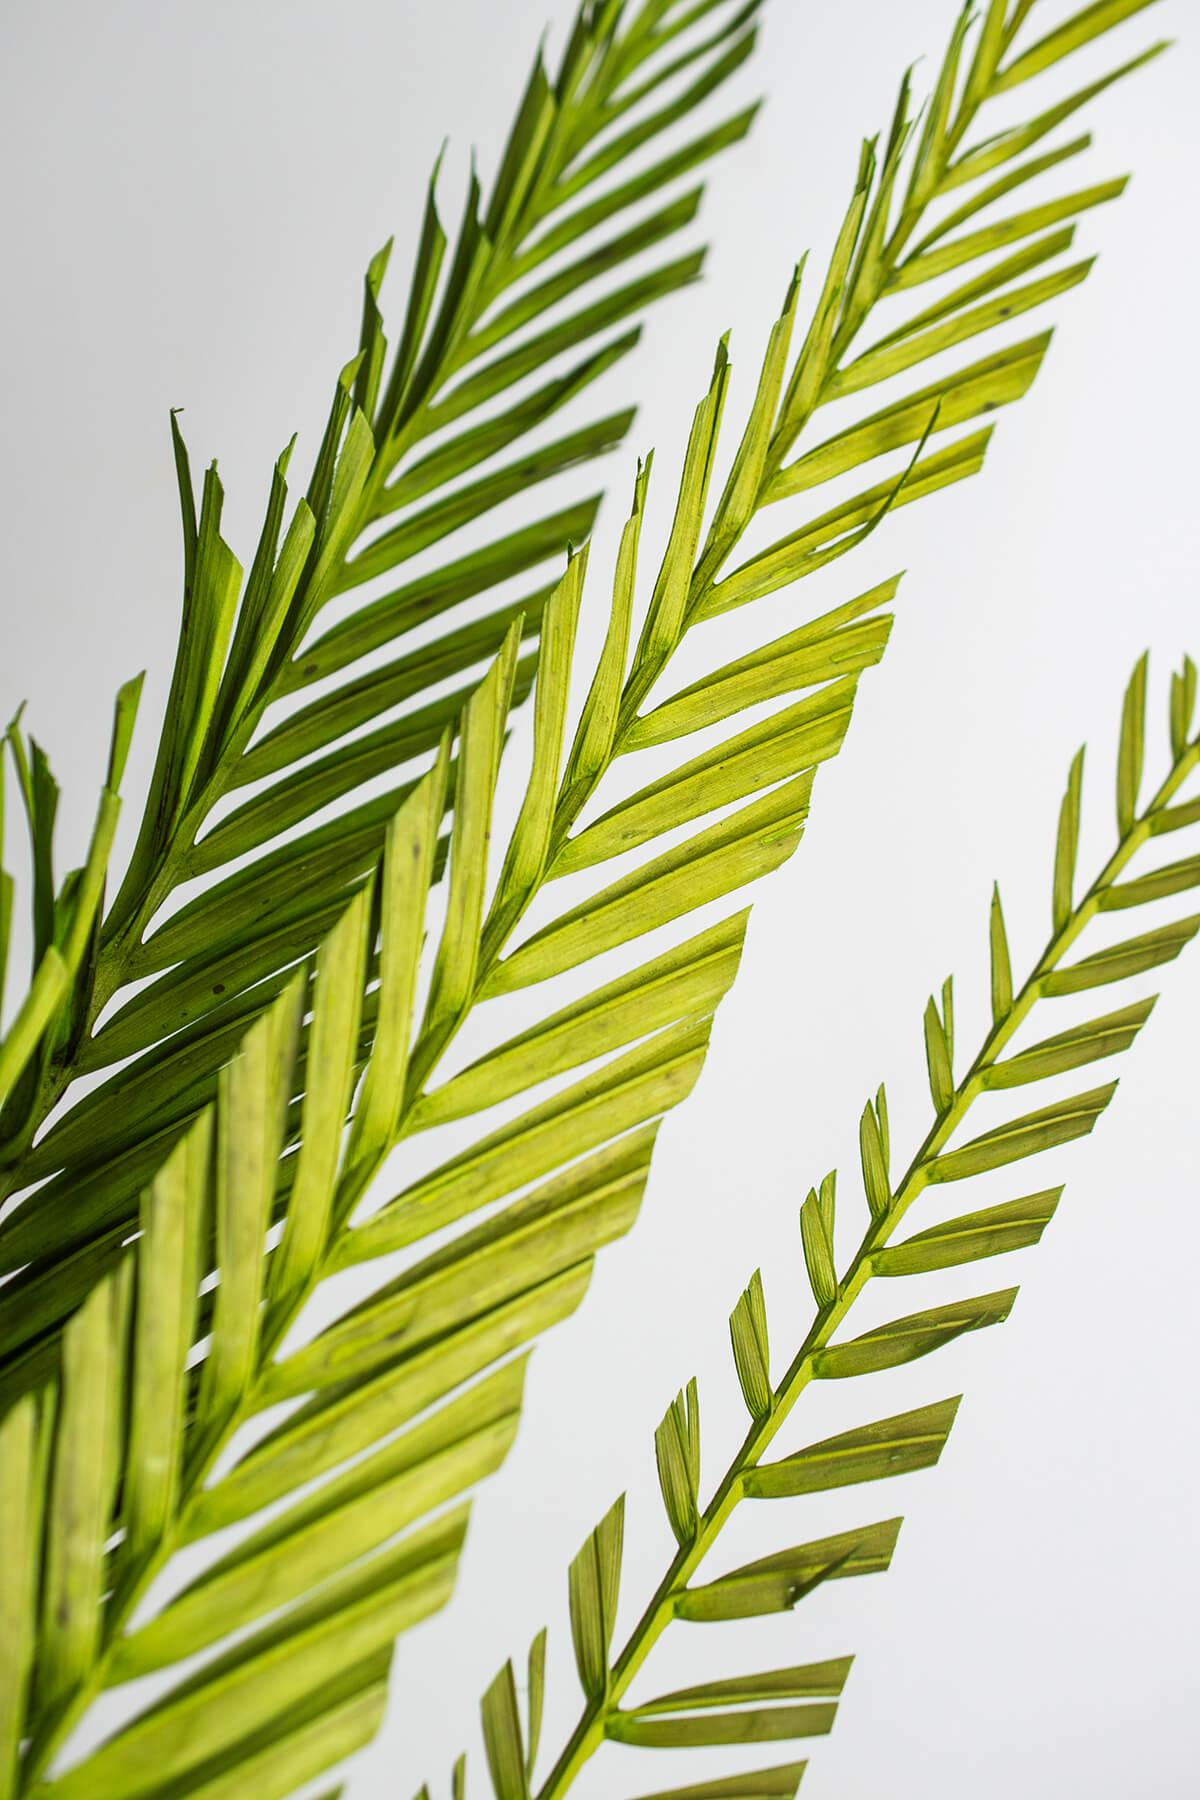 Brazilian Coco Palm Branches 3 Stems 3 5ft Designer Cut